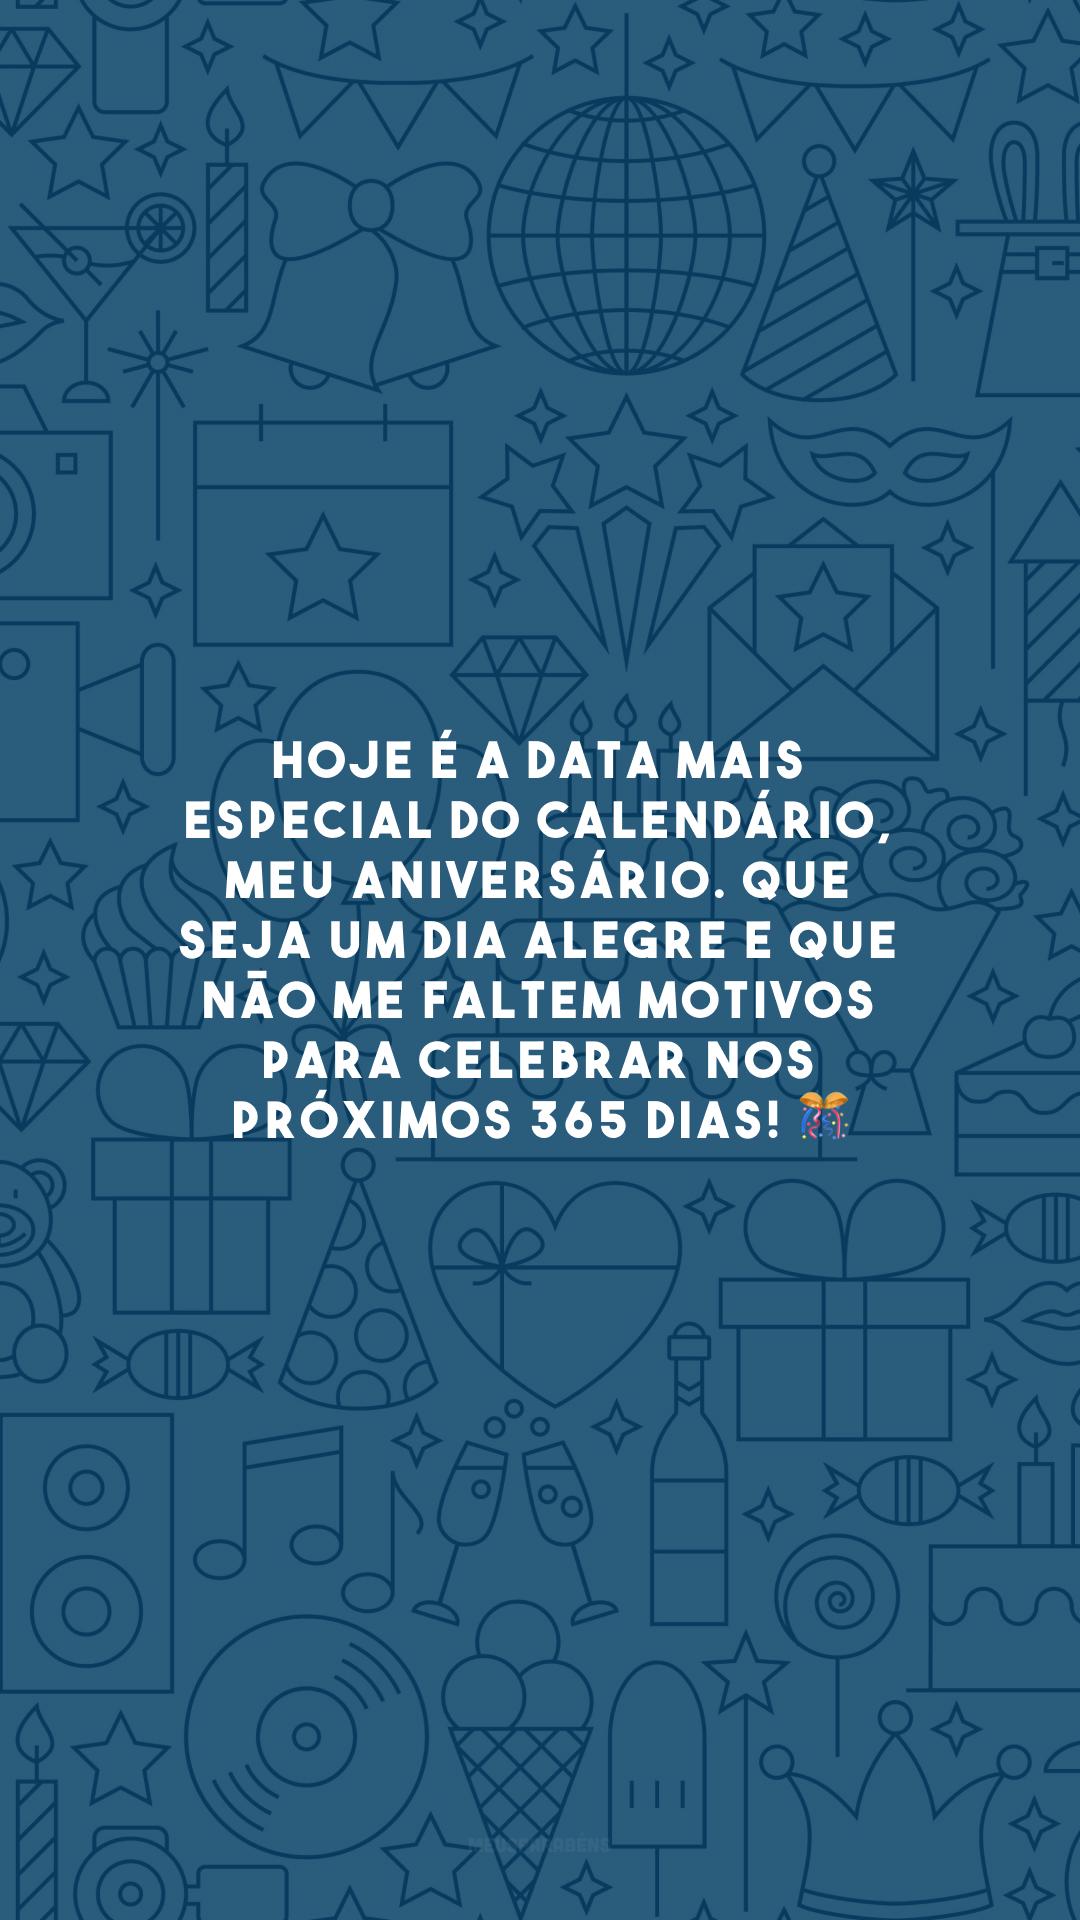 Hoje é a data mais especial do calendário, meu aniversário. Que seja um dia alegre e que não me faltem motivos para celebrar nos próximos 365 dias! 🎊